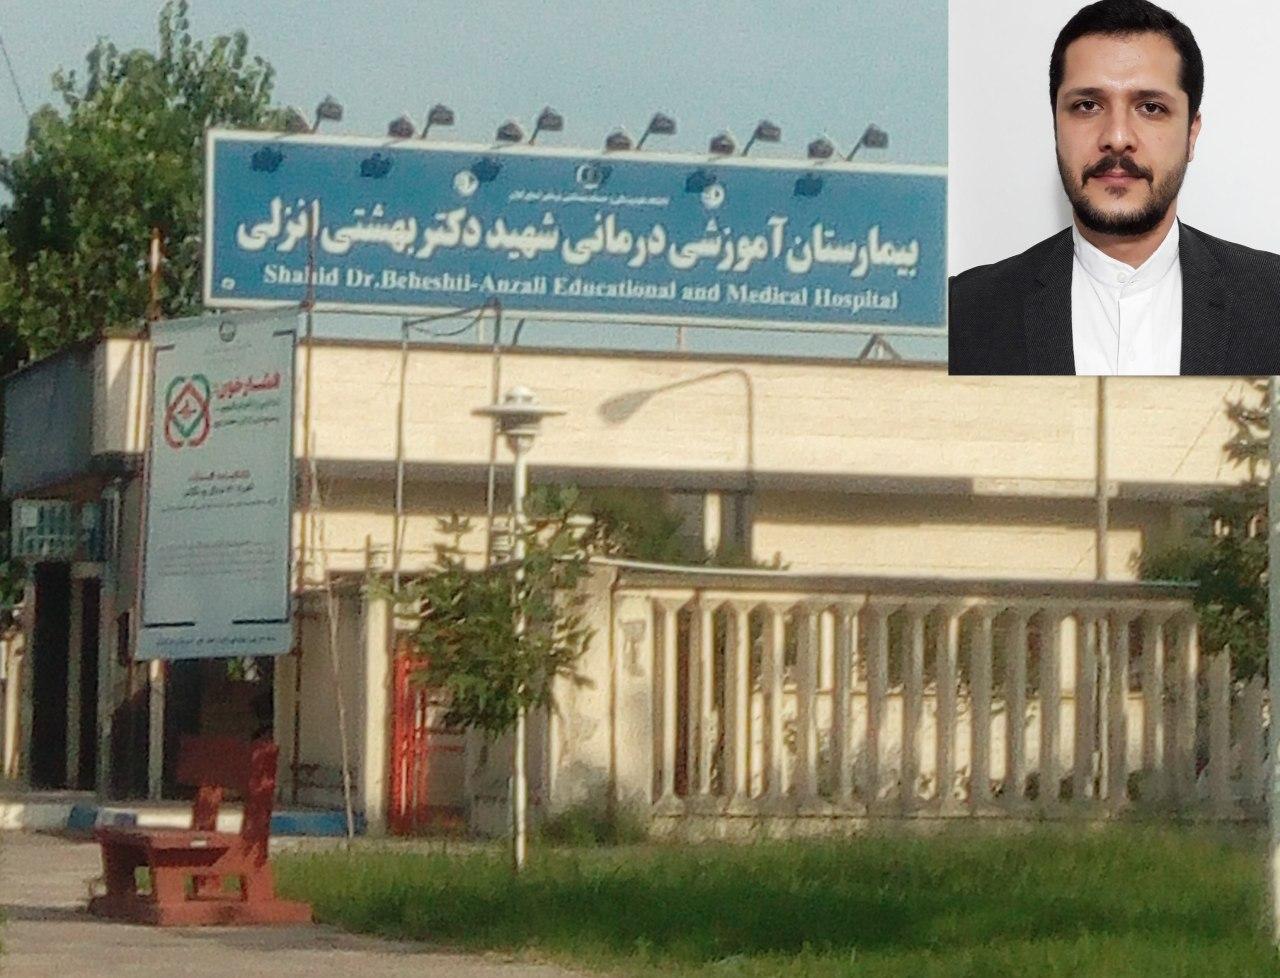 انتصاب در بیمارستان شهید دکتر بهشتی شهرستان بندرانزلی